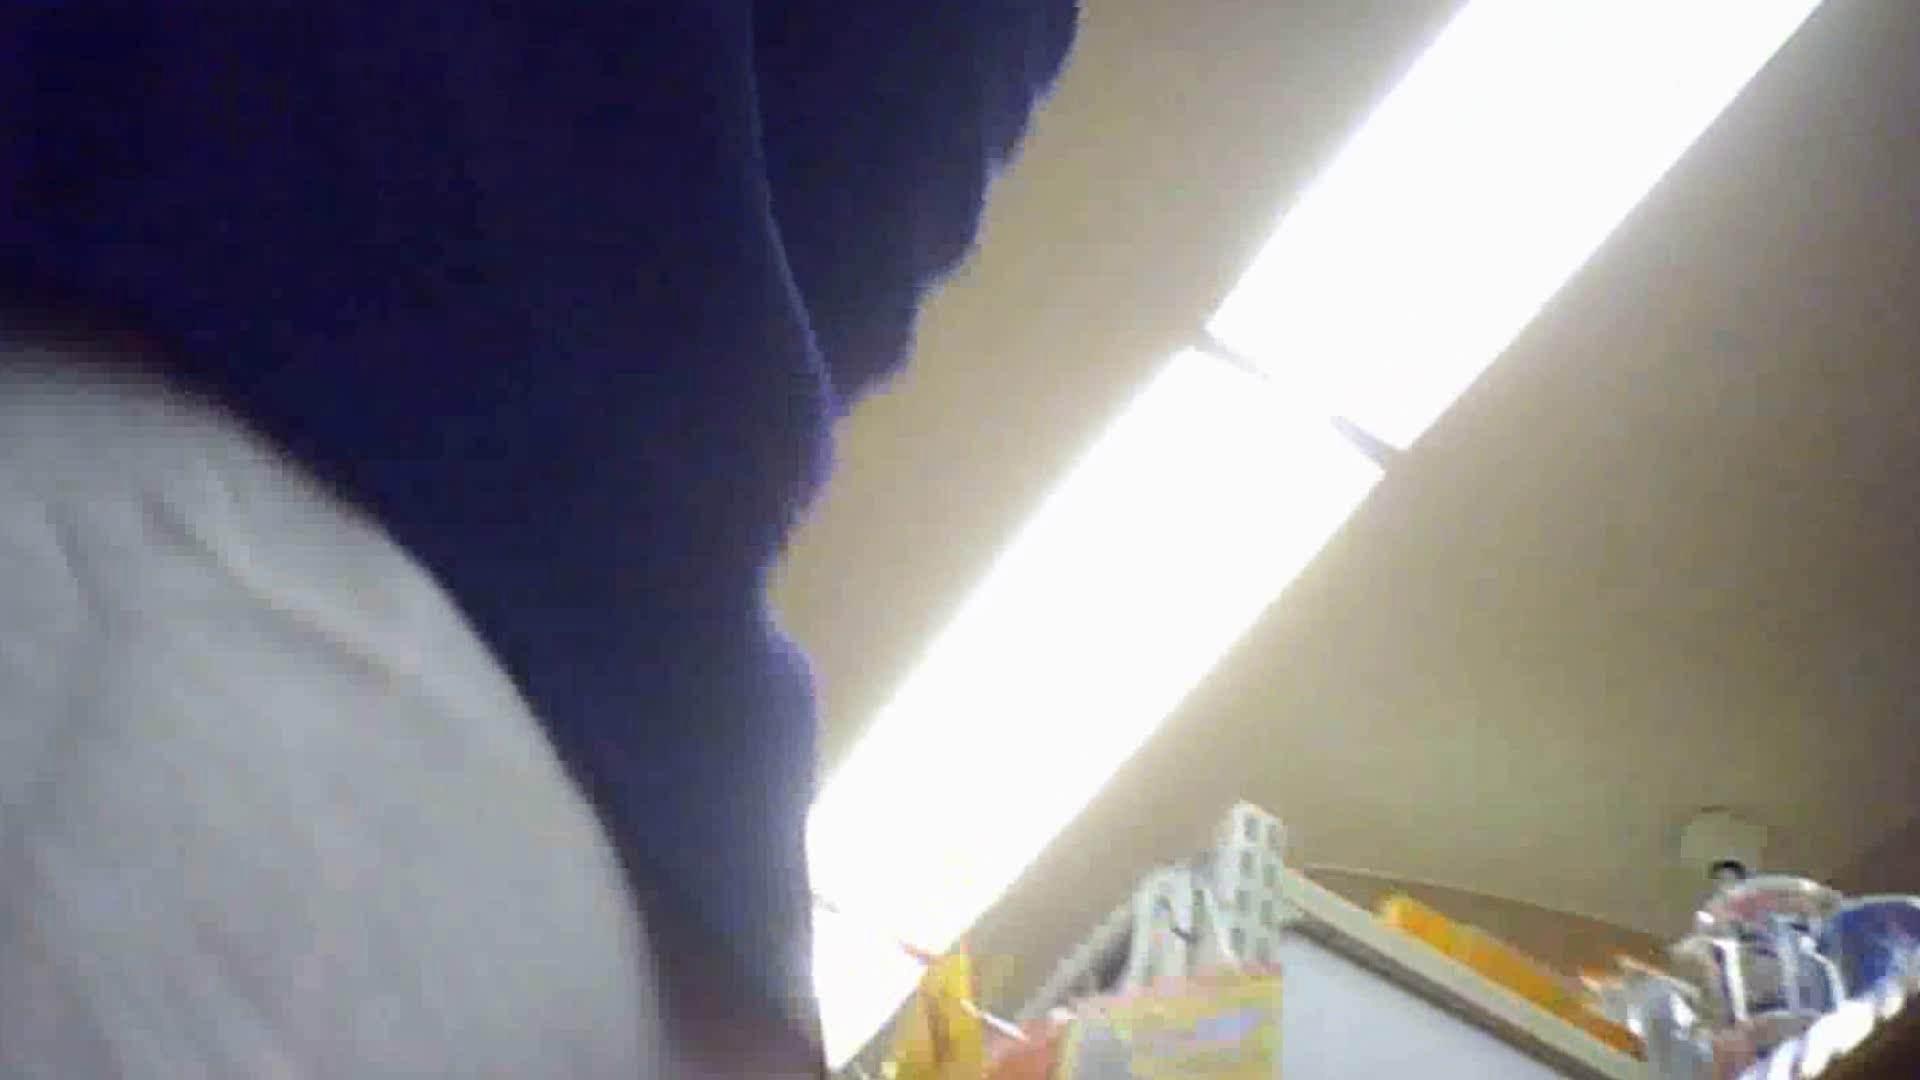 真剣に買い物中のgal達を上から下から狙います。vol.10 JK特集   エッチすぎるOL達  95連発 65